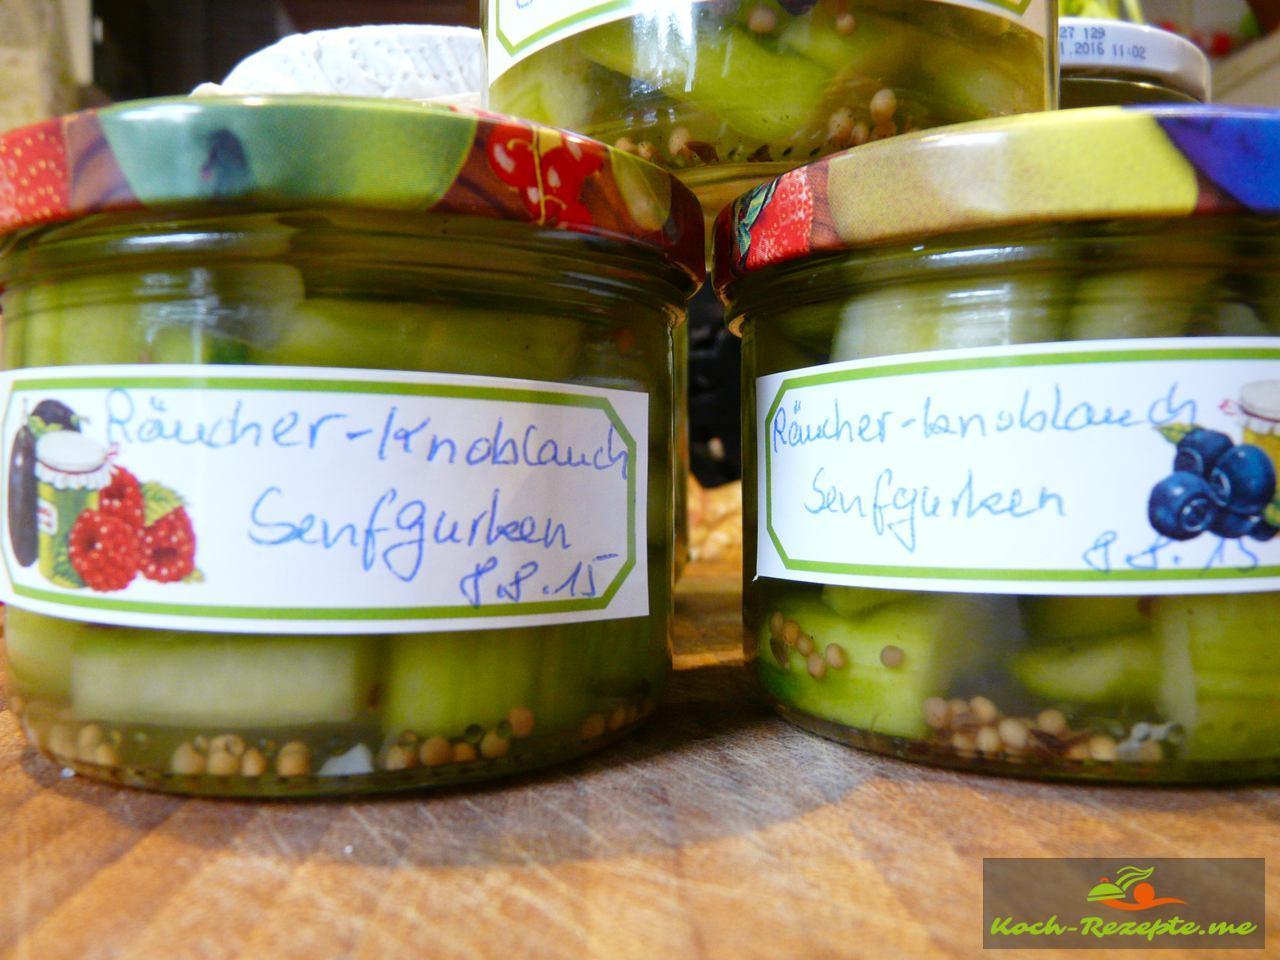 Die gut verschlossenen Räucher-Knoblauch-Senfgurken mit Etiketten auszeichnen